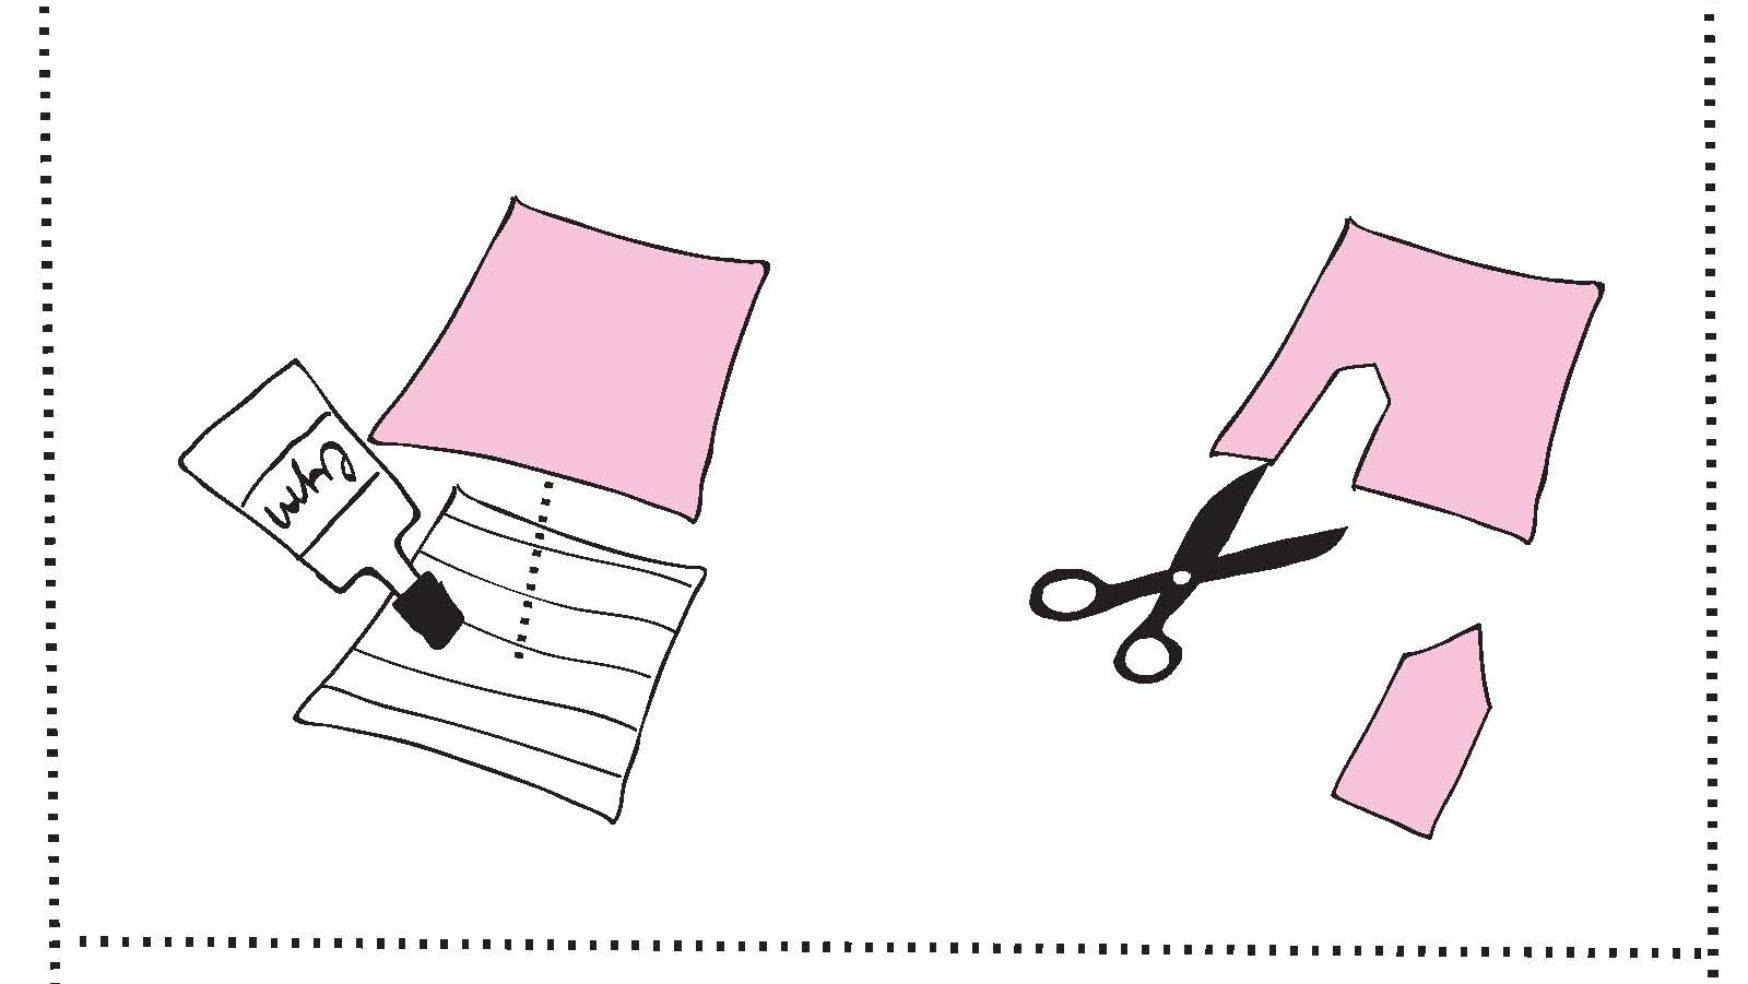 Snor-knutselmiddag: Cadeaukaartjes maken